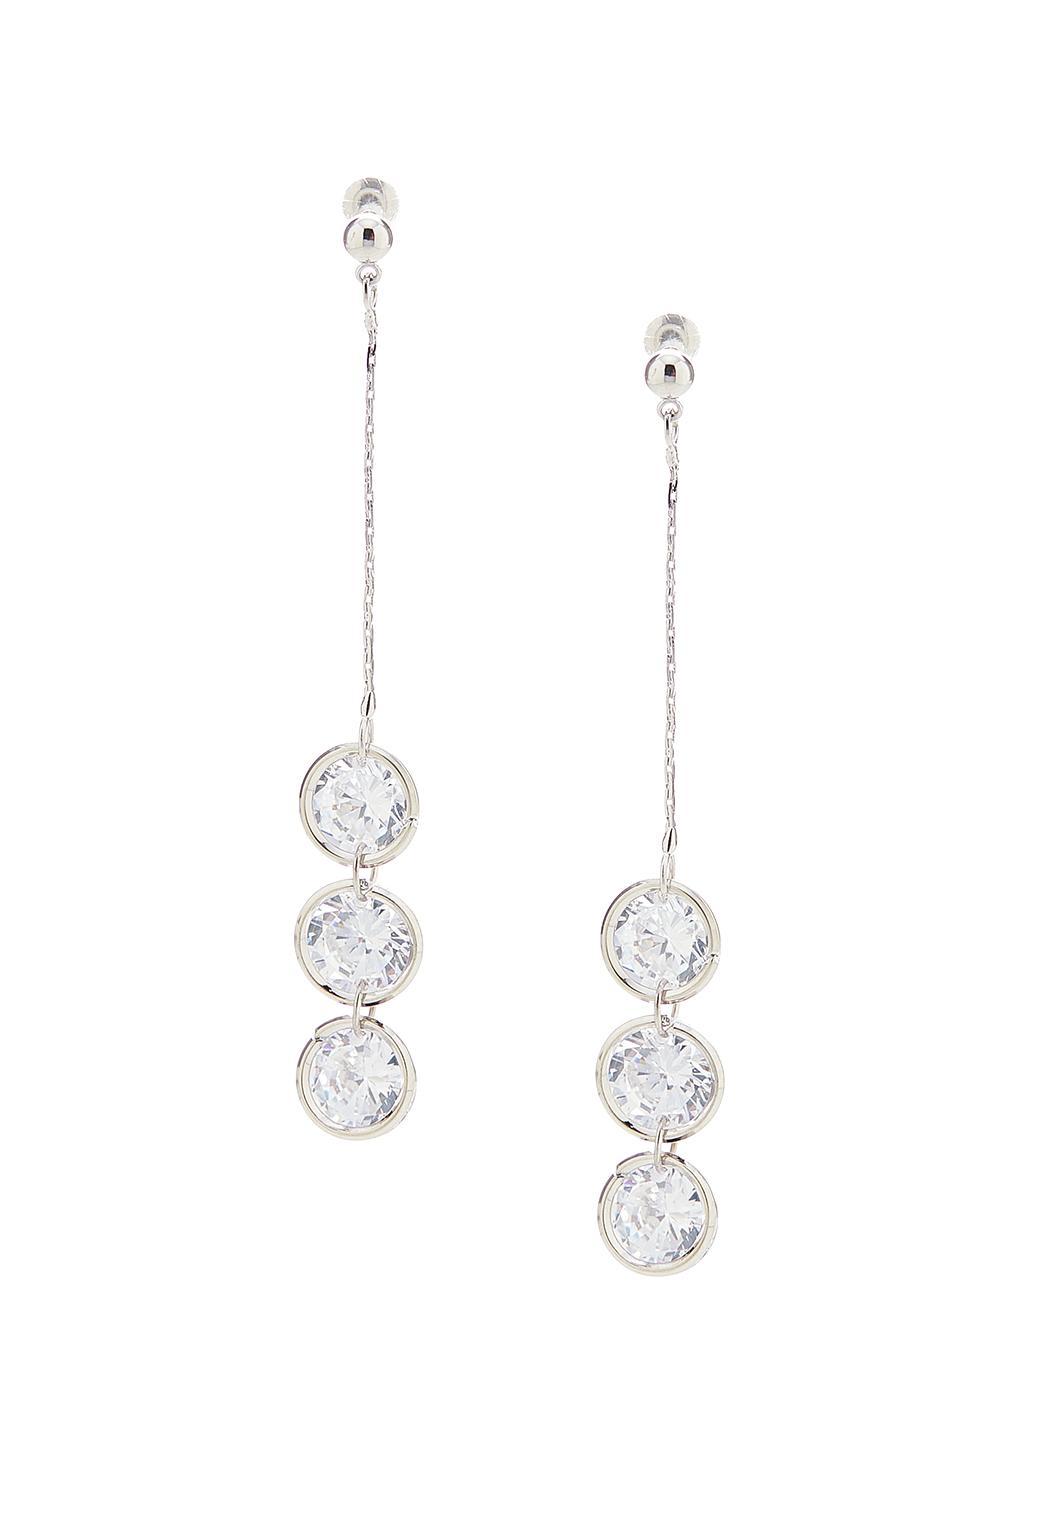 Triple Stone Earrings